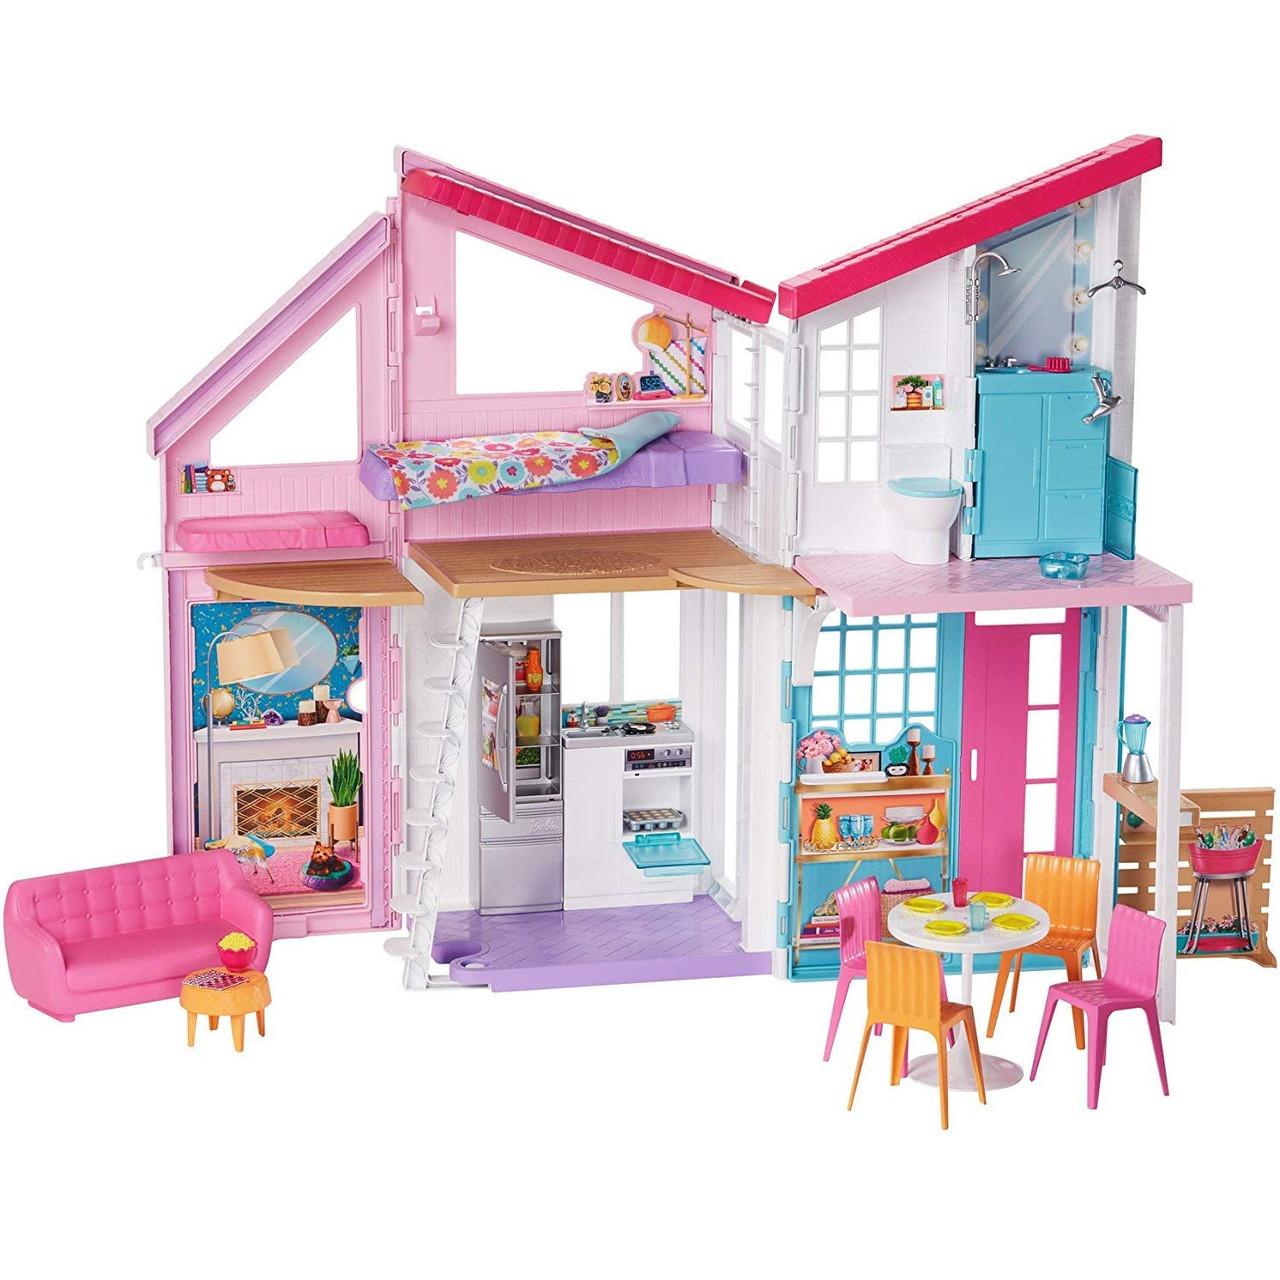 Barbie Домик в Малибу Барби Набор Mattel Barbie Malibu House FXG57 6 комнат, 25 акс.